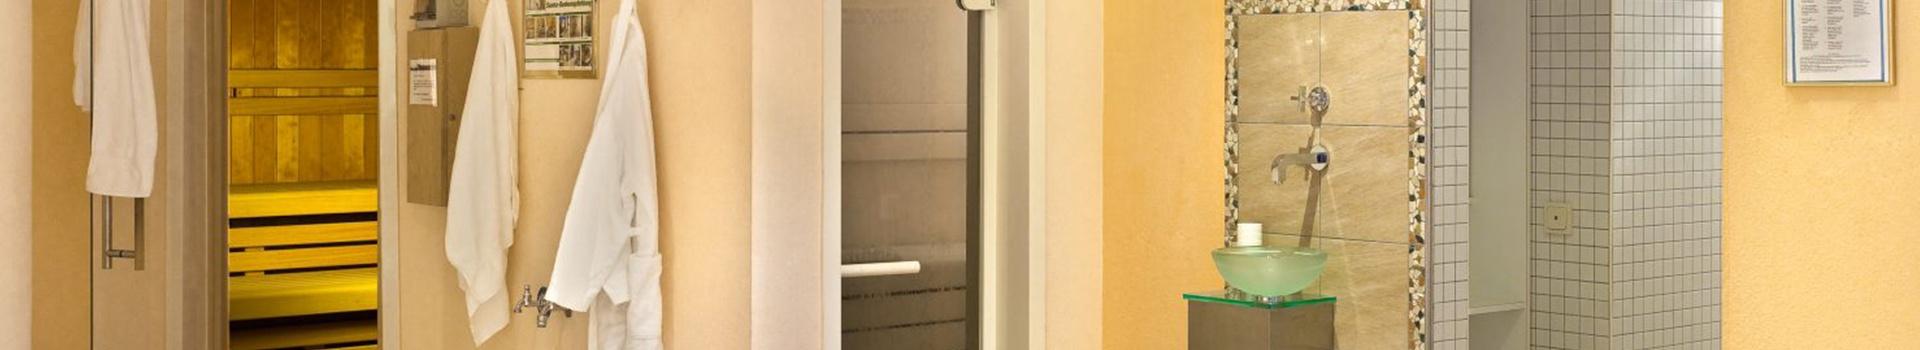 Saunabereich im Aktivresort Strandhotel Seehof